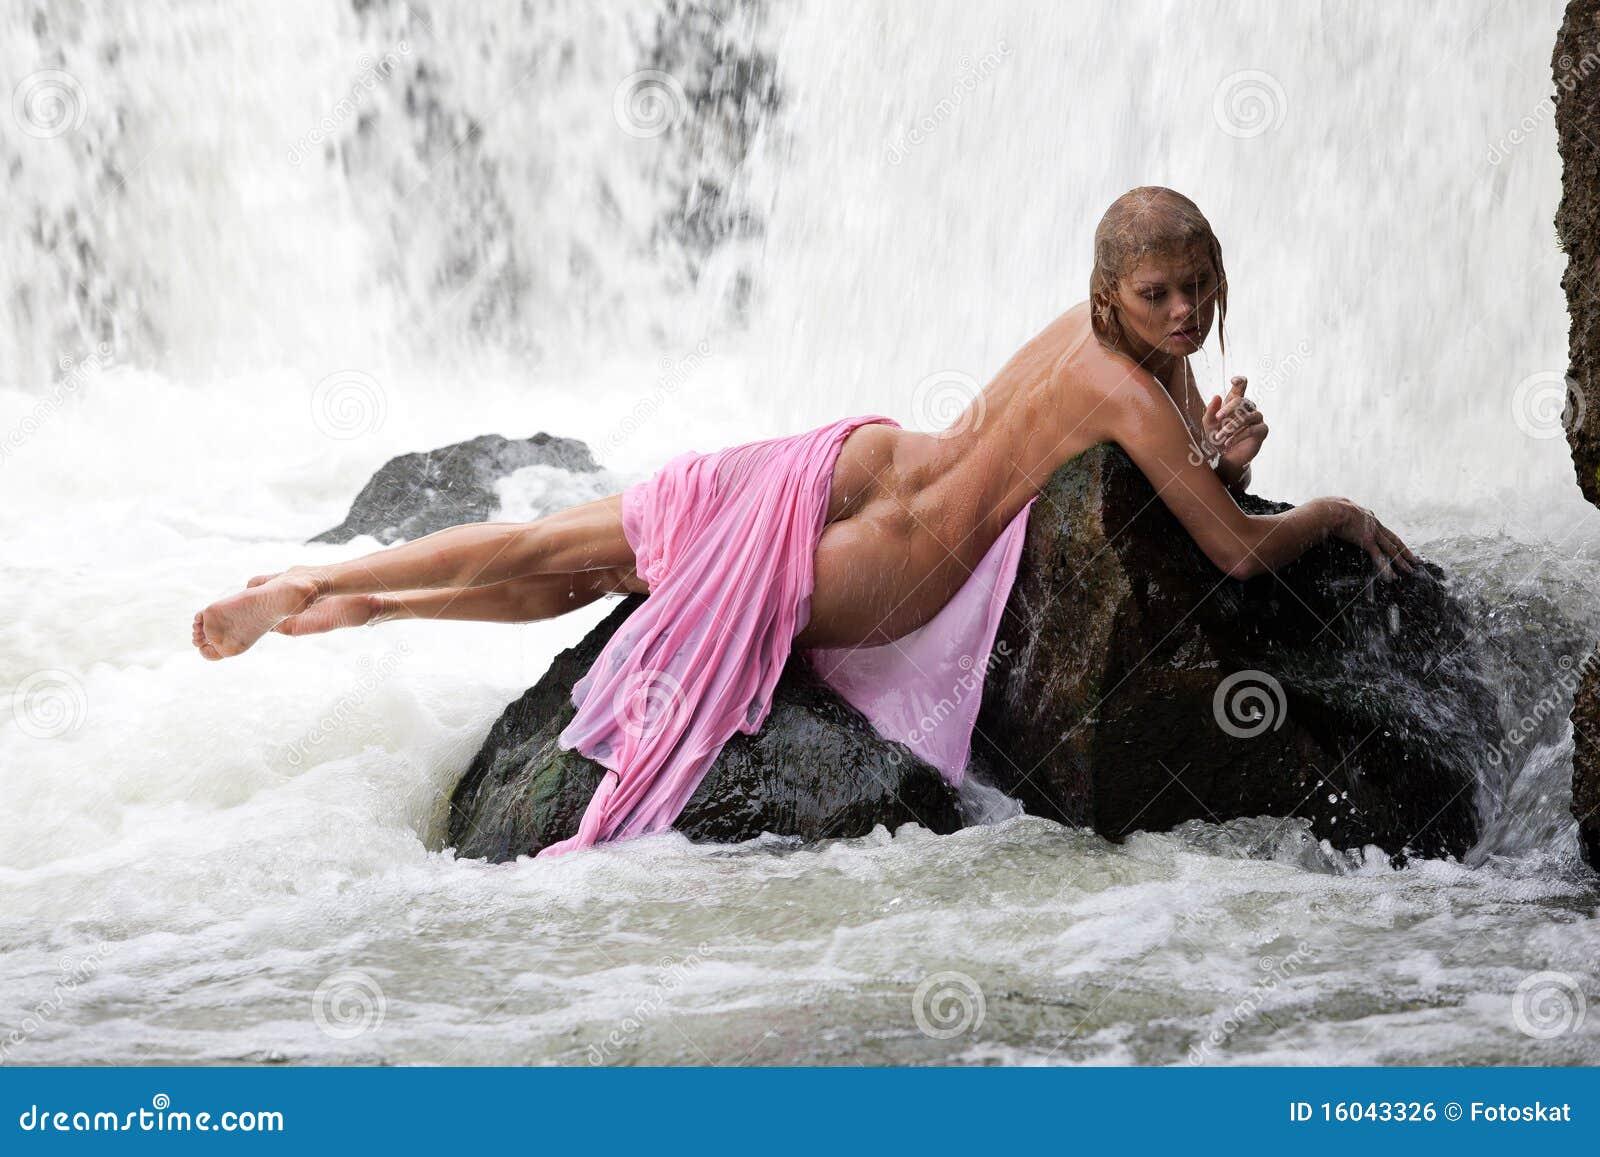 Frau in einem Geschft ohne Hschen - amapornofilmecom